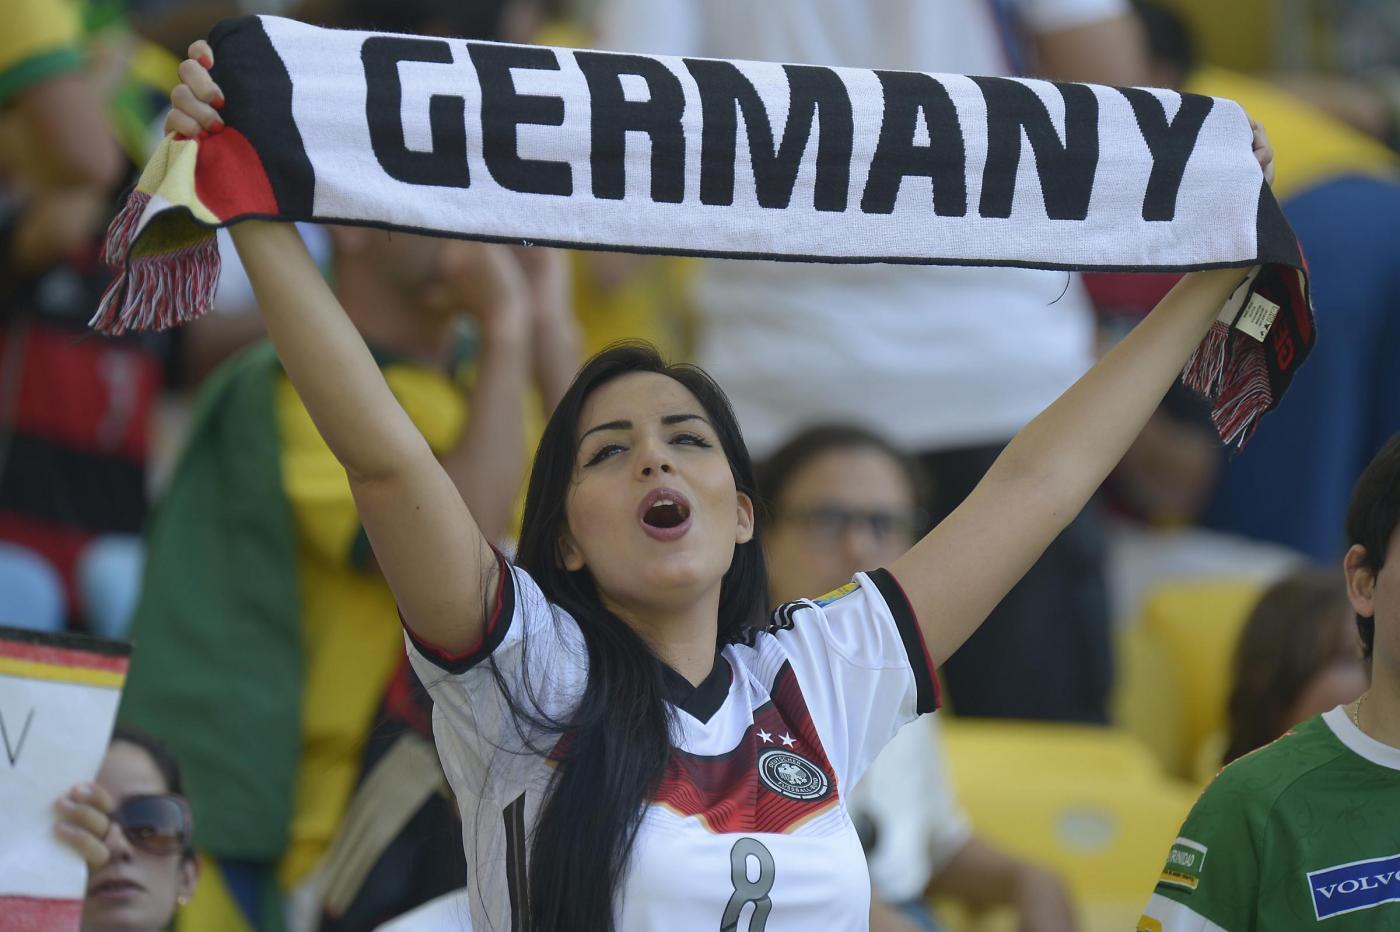 Germania 3. Liga, Hallescher-Rostock 16 ottobre: analisi e pronostico della giornata della seconda divisione calcistica tedesca